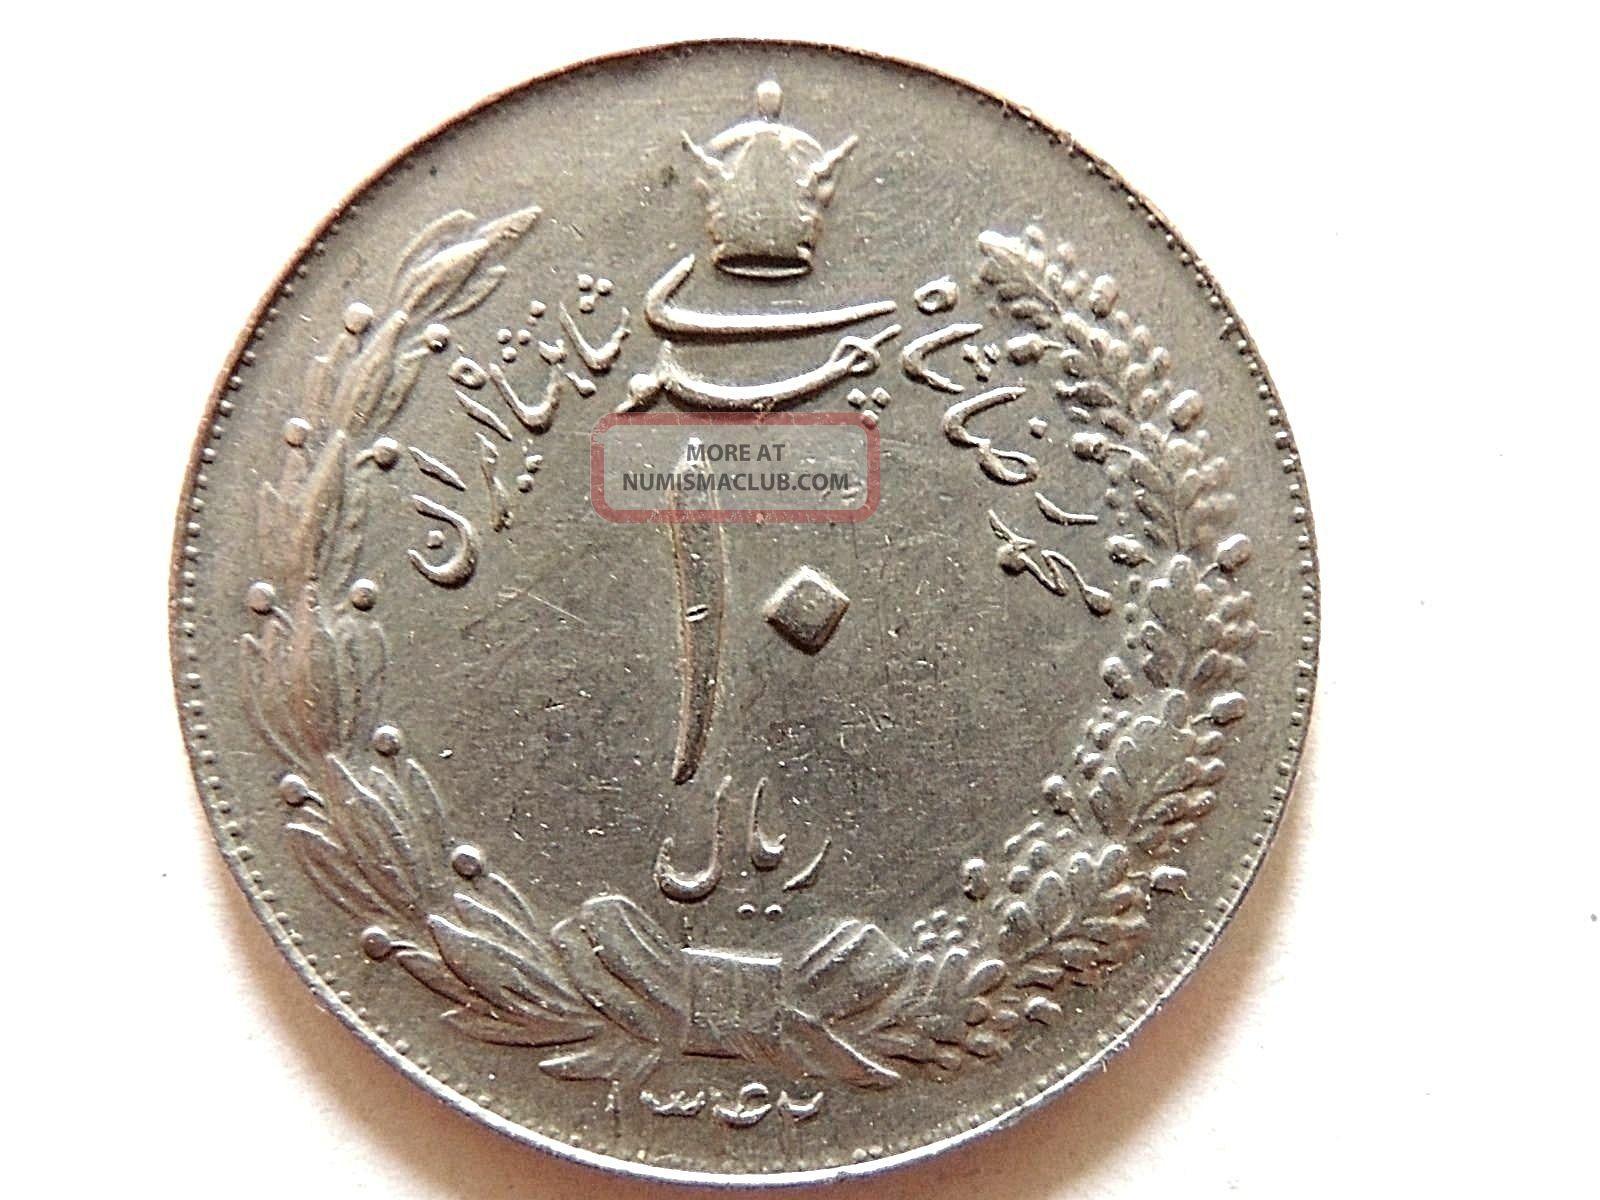 1963 Iranian Ten (10) Rial Coin